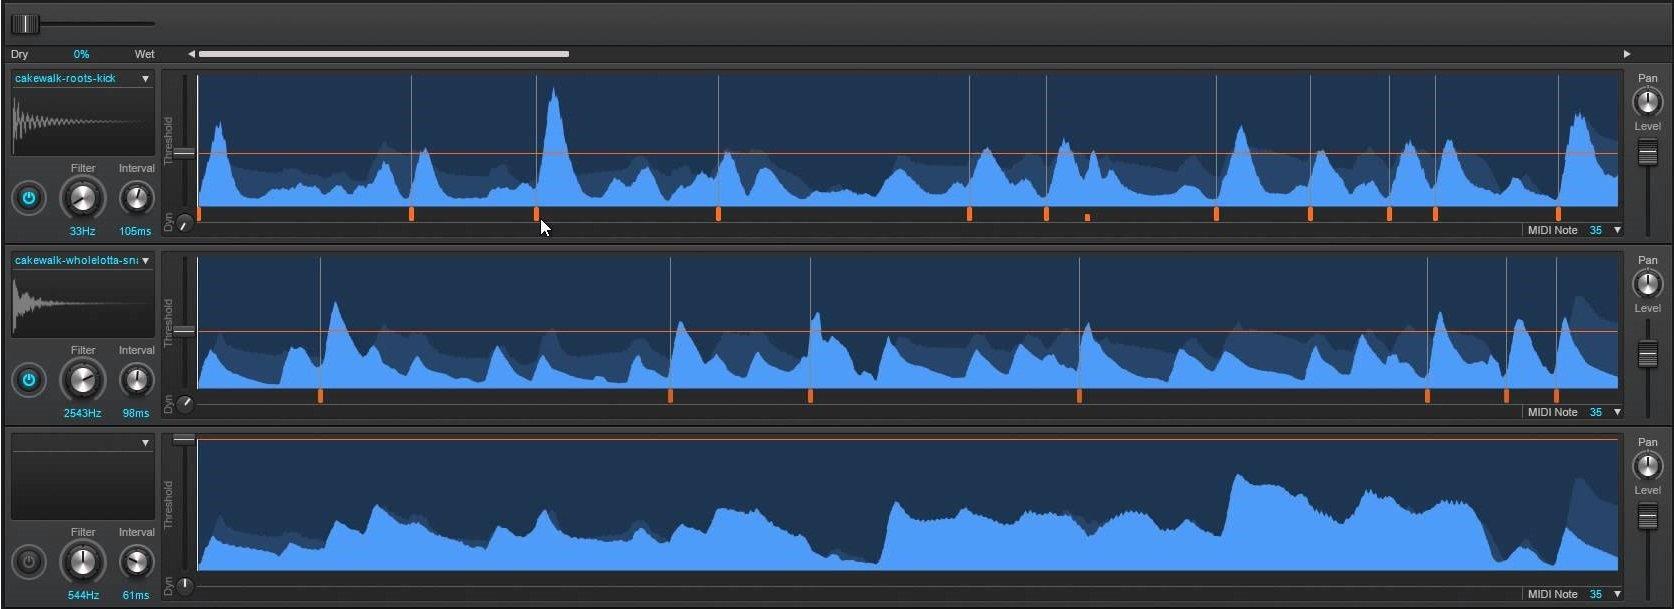 Download BandLab Cakewalk Drum Replacer v1 2 0 14 - SoftArchive